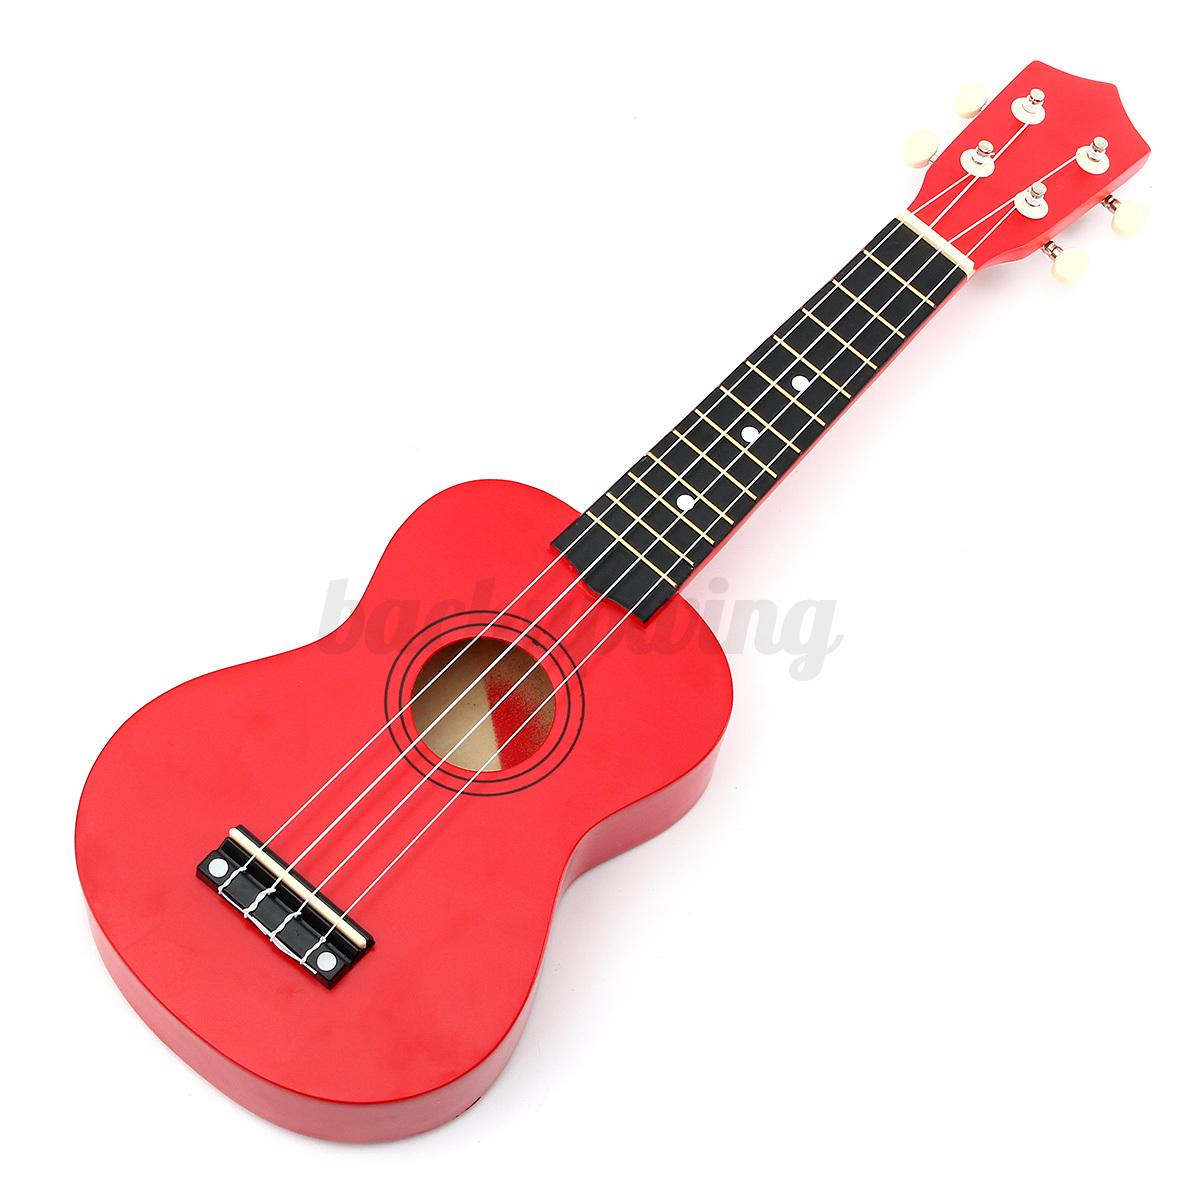 21'' Ukulele Sopran Gitarre Acoustic Guitar 4-String Kinder Geschenk fr Anfänger Rot